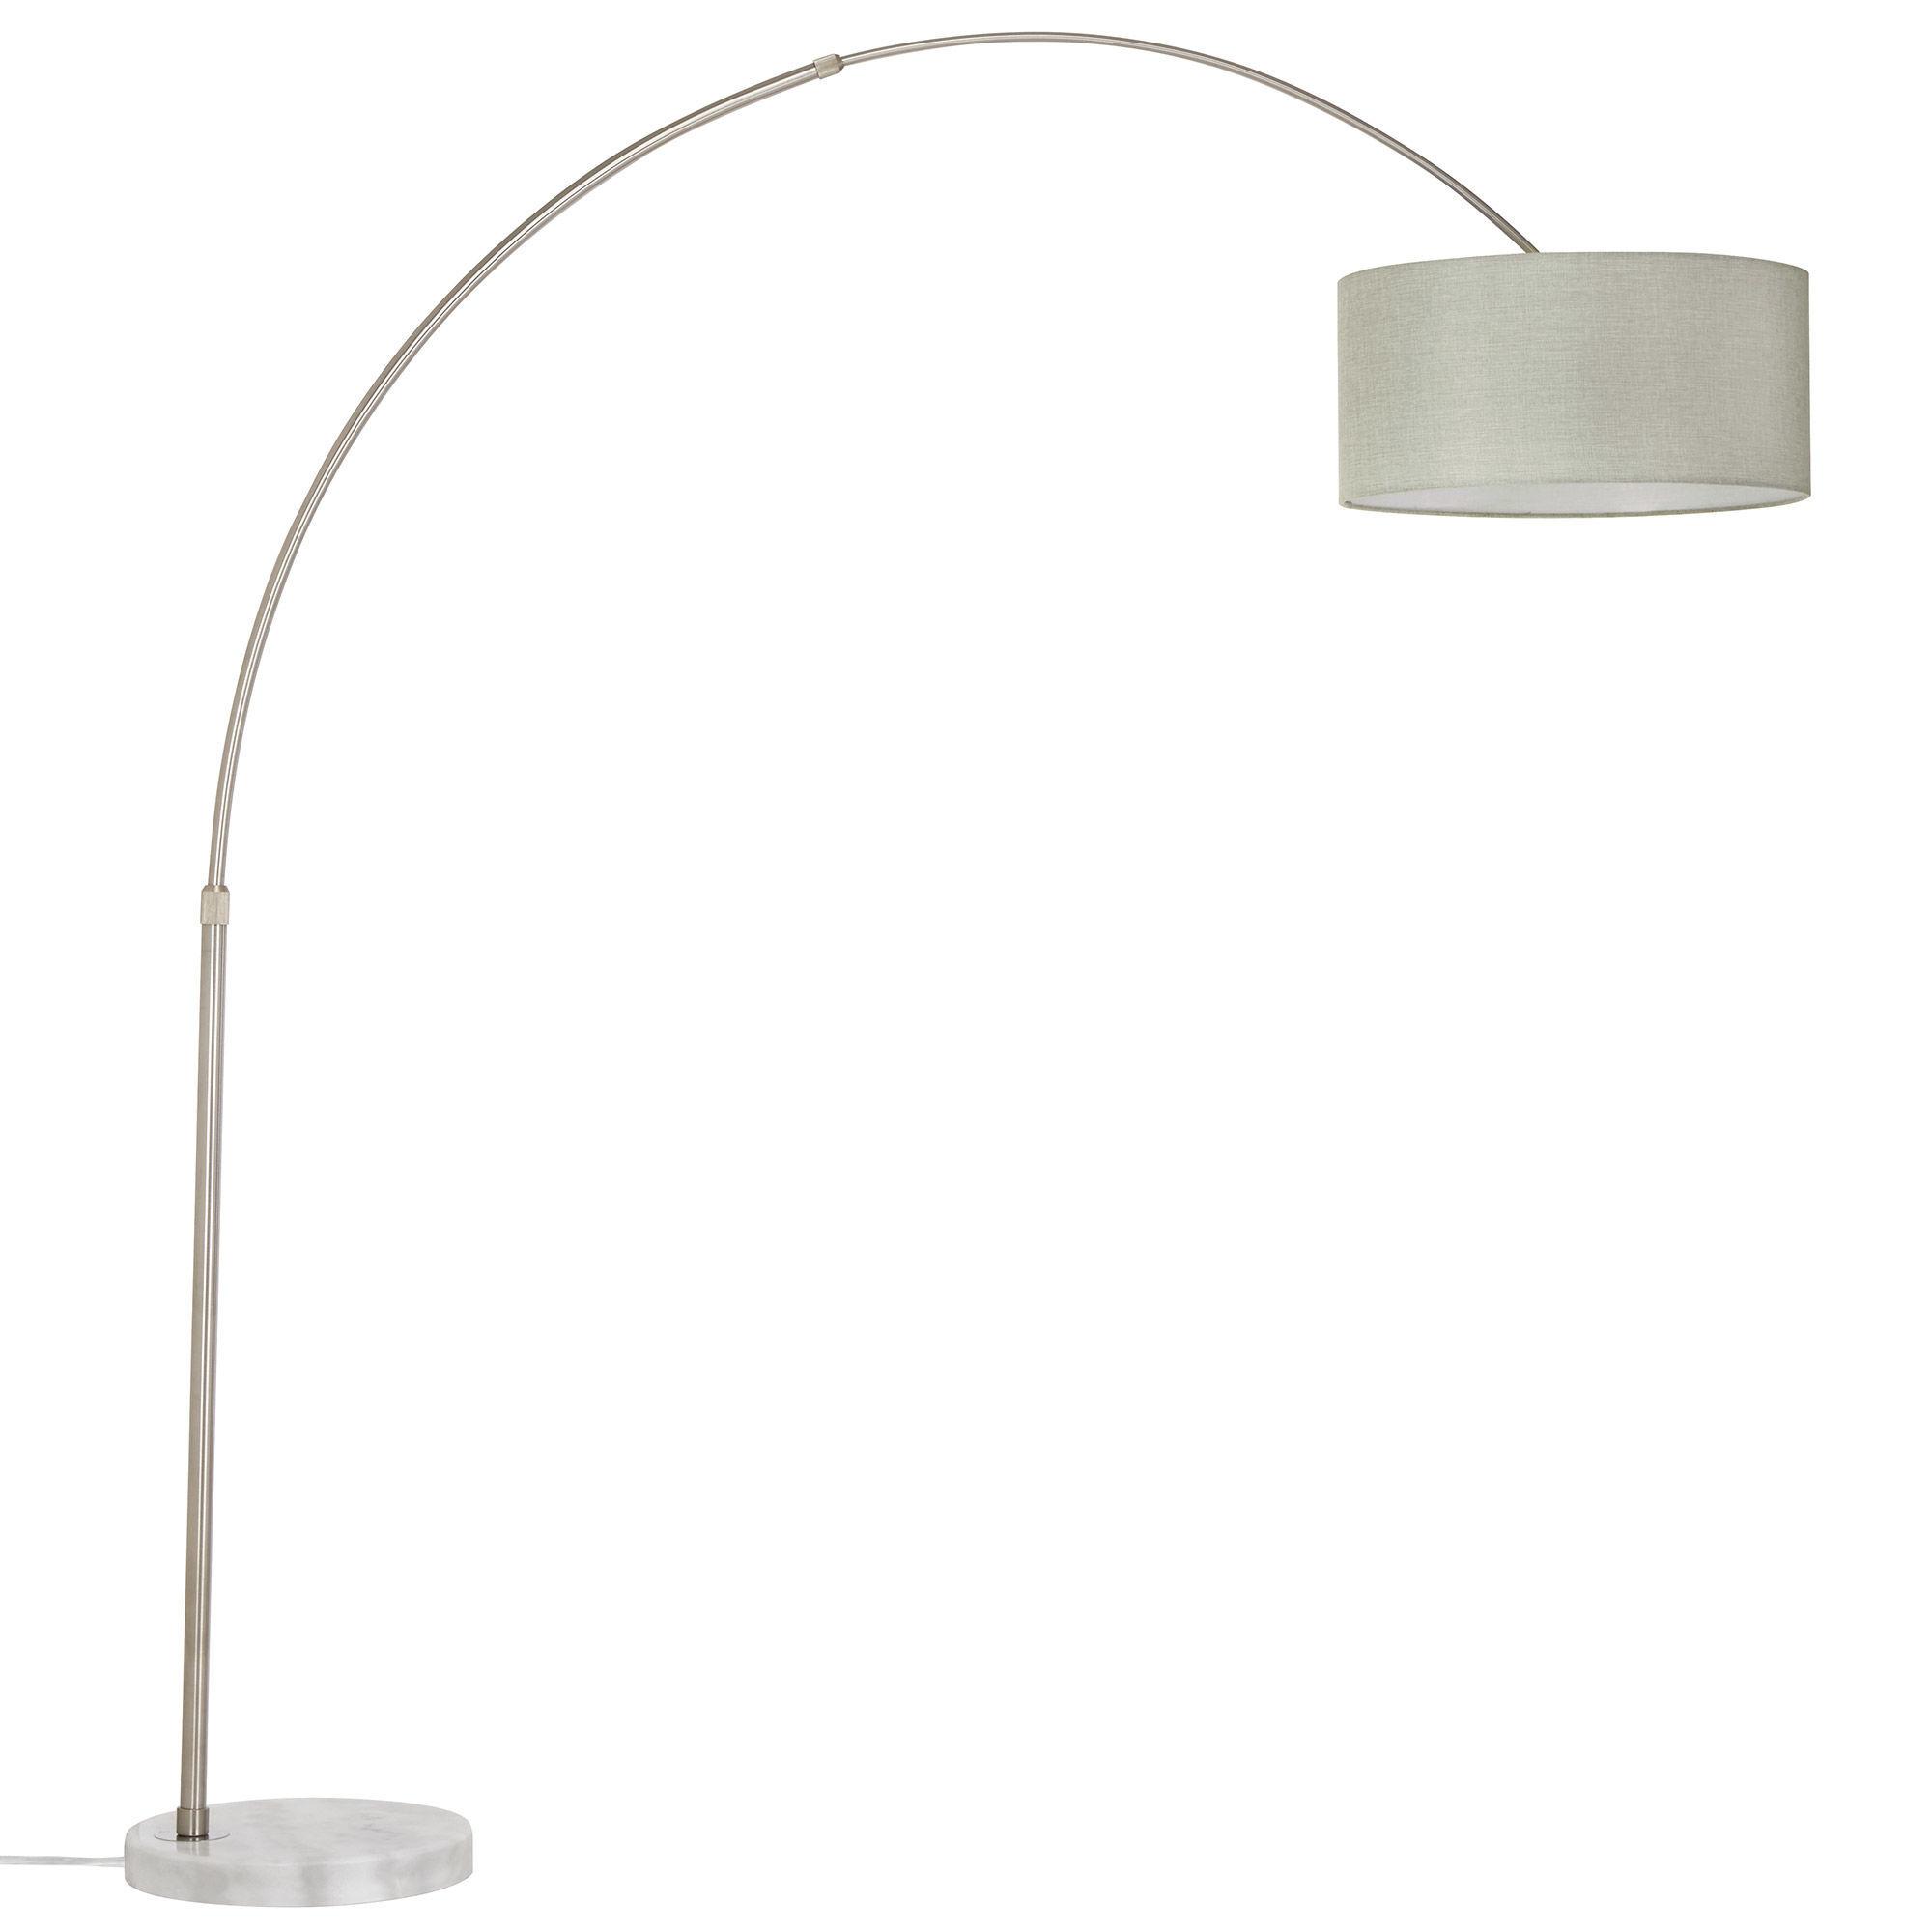 Lampe Salon Pied Marbre   233 52 25 De Réduction Lampadaire De Mode ...